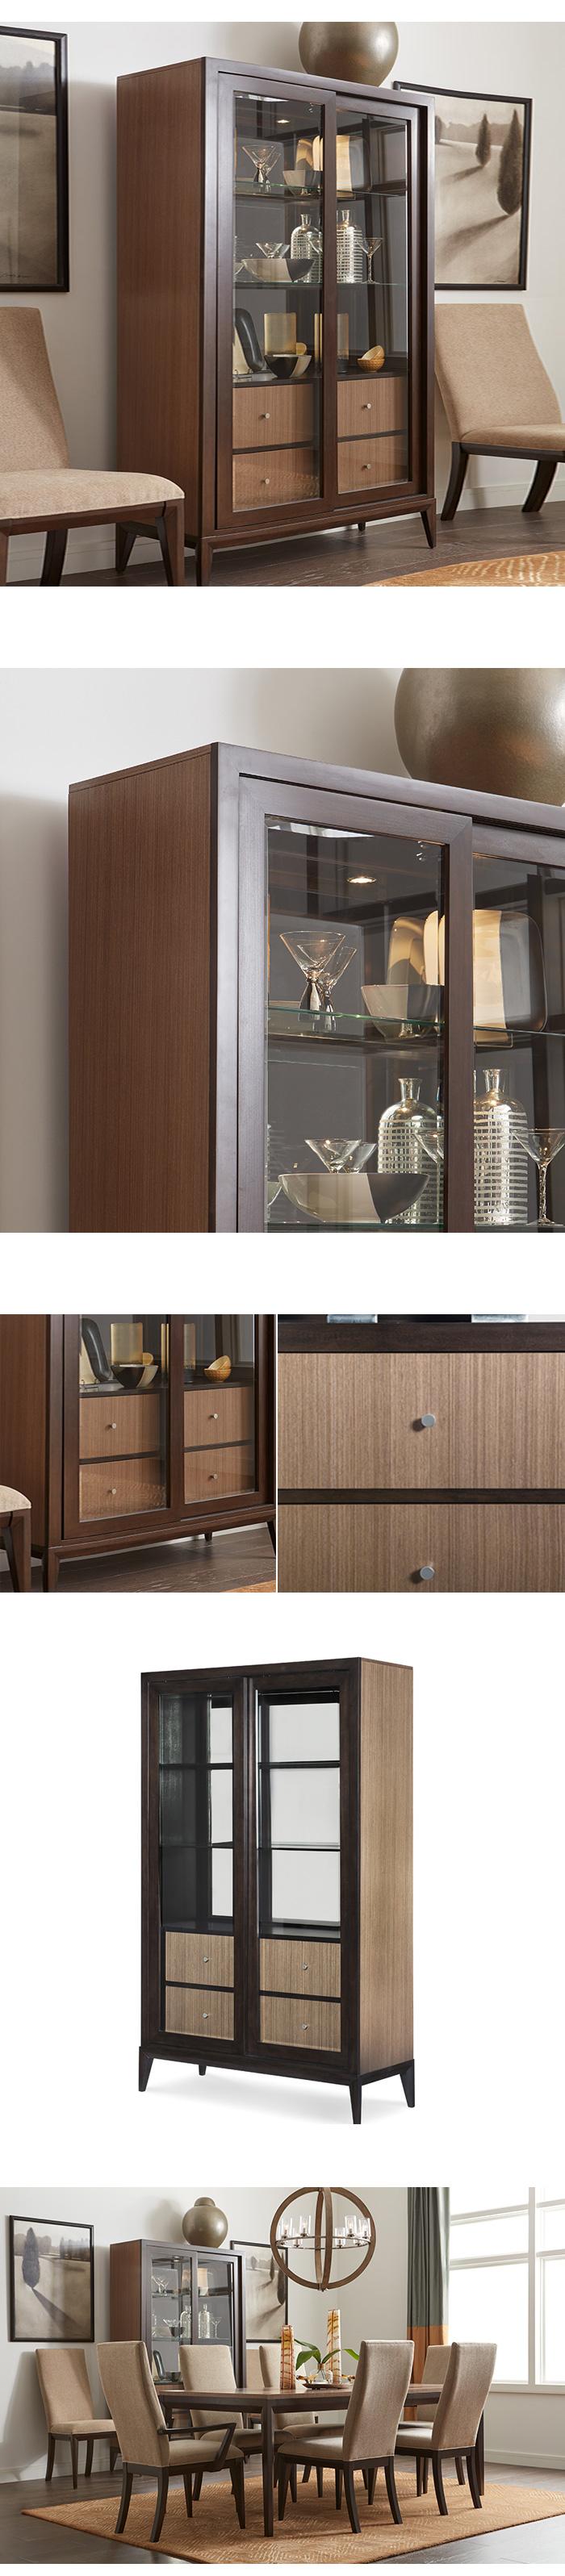 6500-570_cabinet_full.jpg